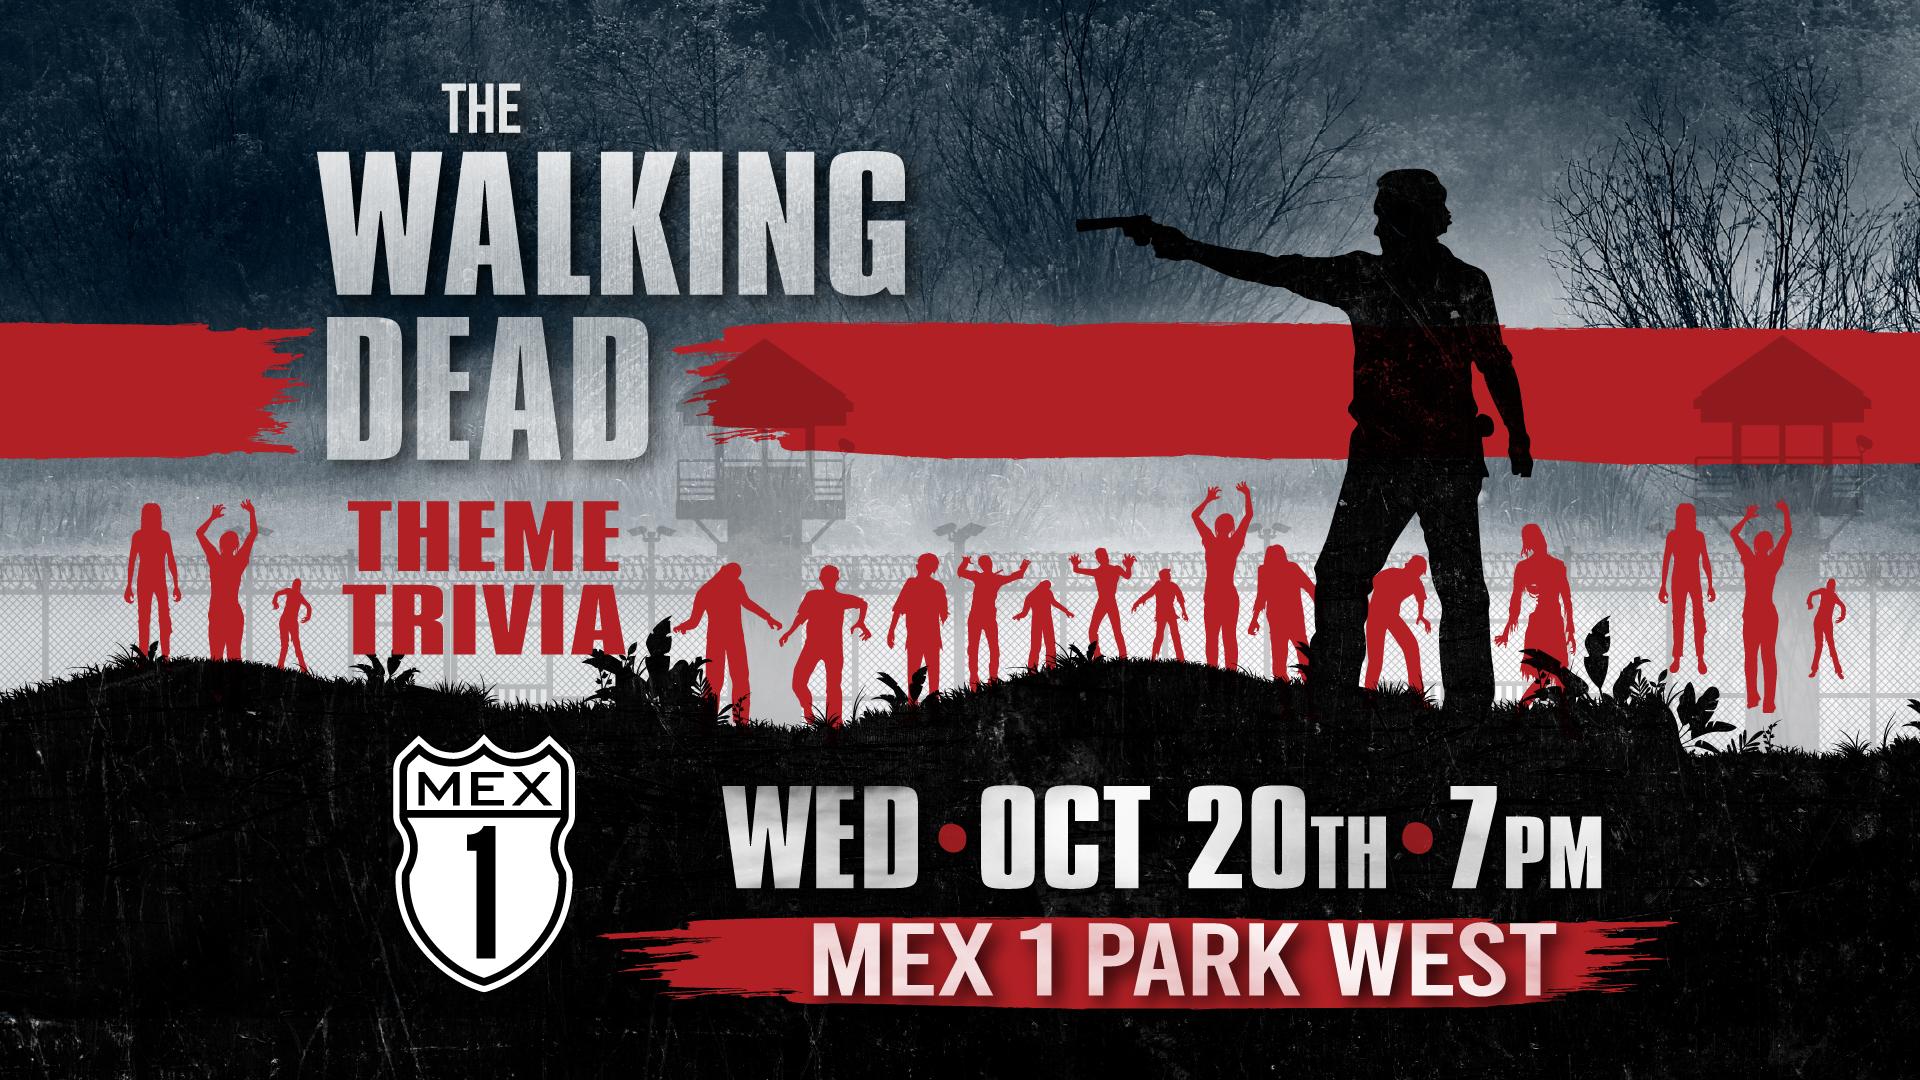 Walking Dead themed trivia